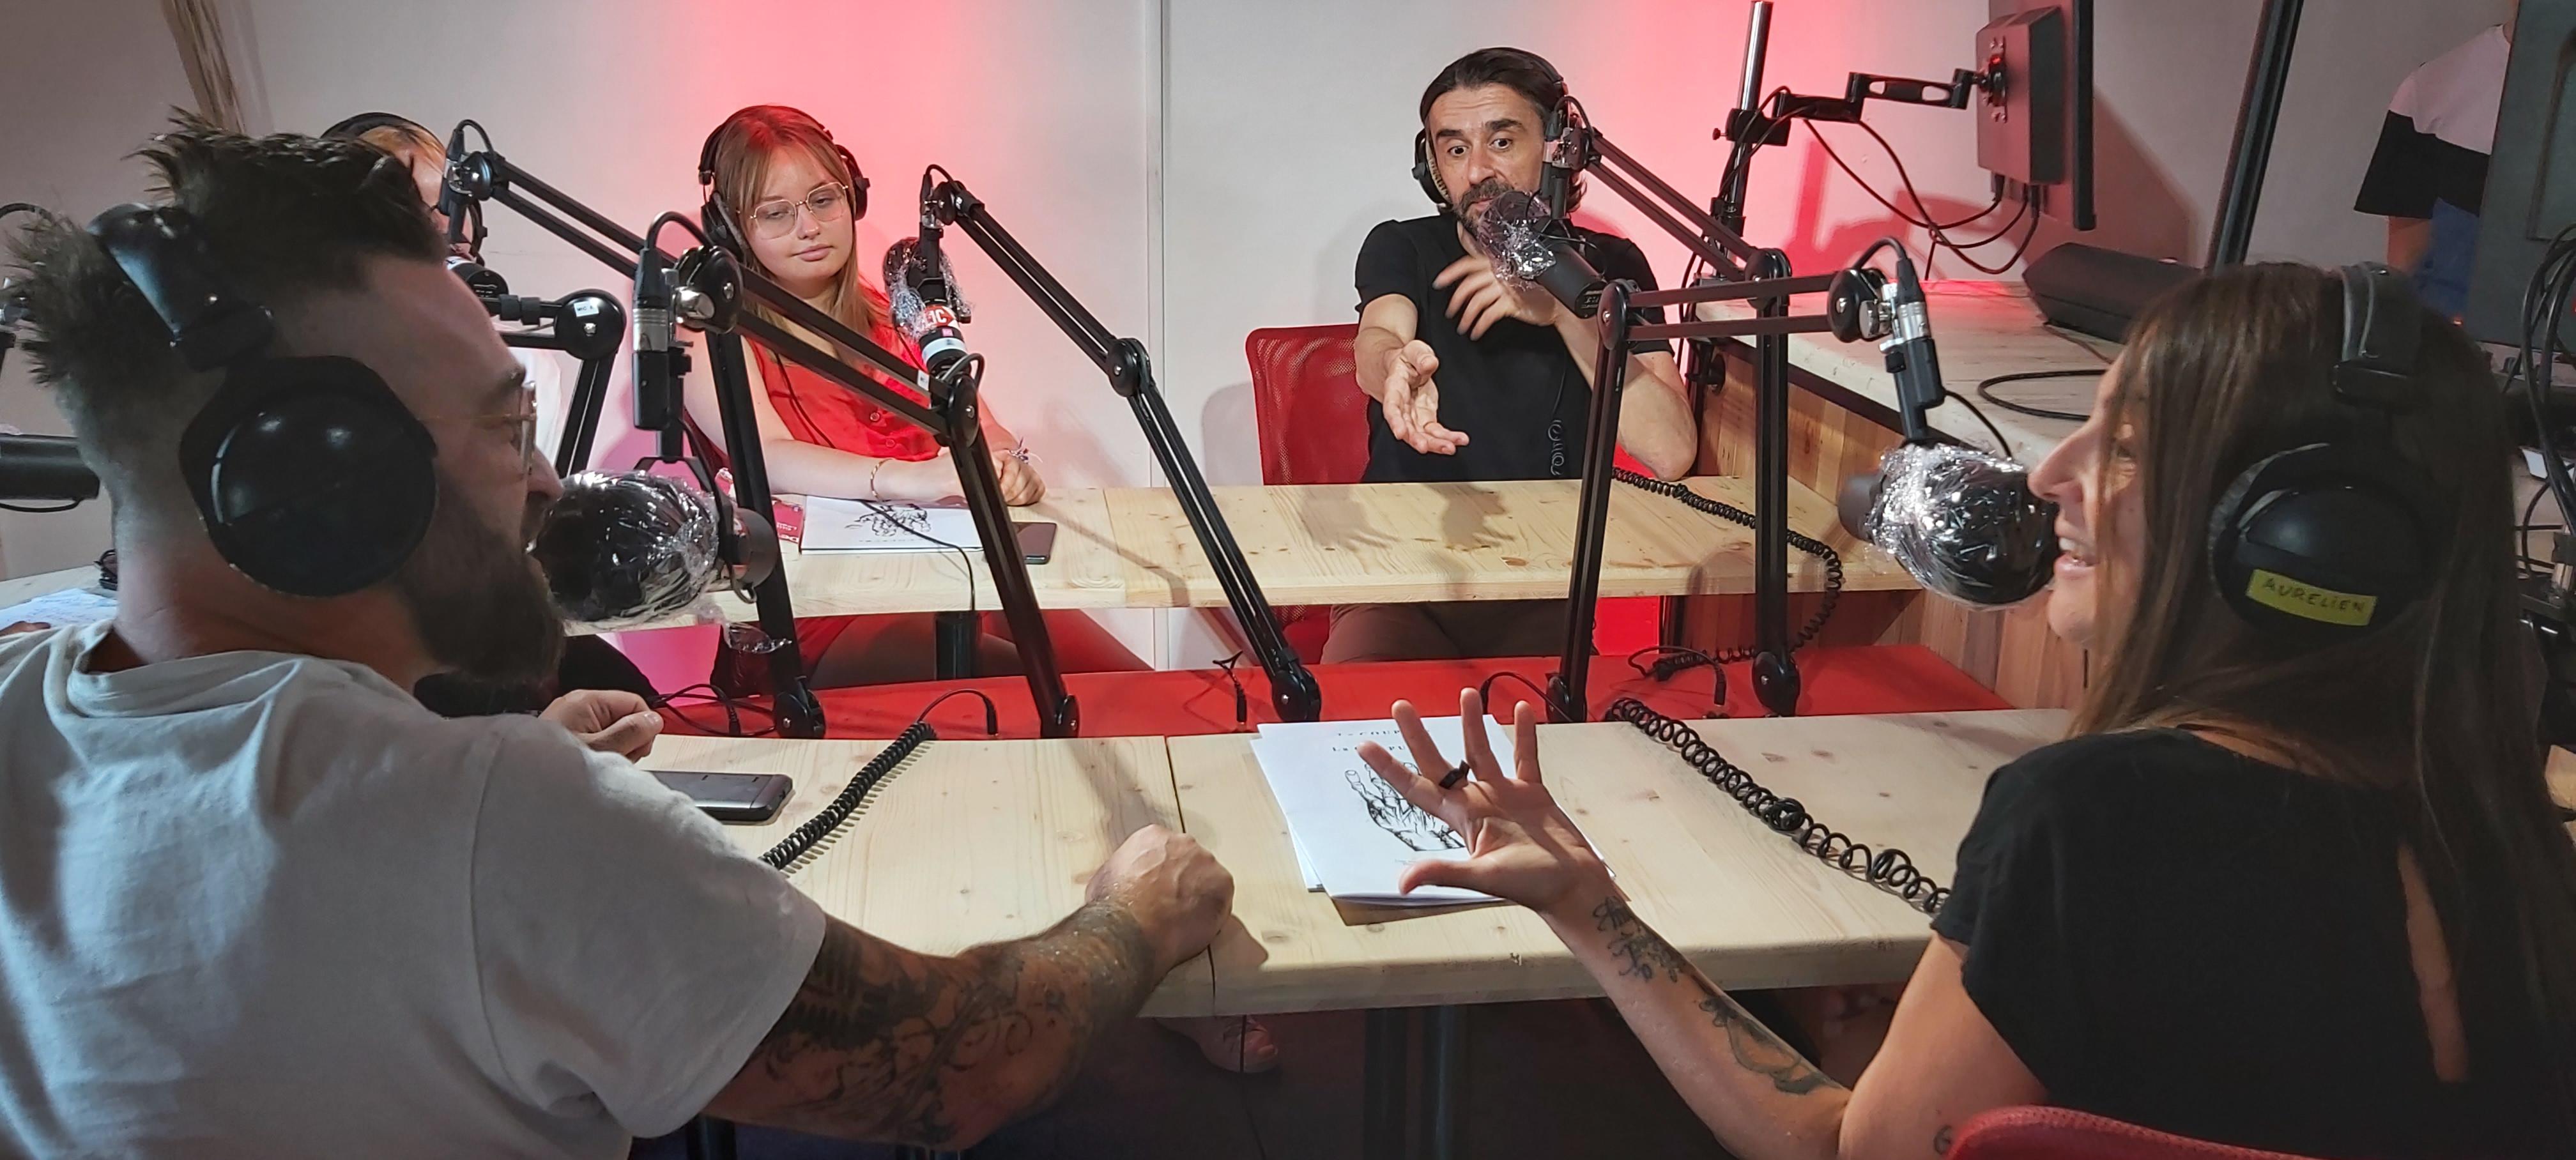 Déconfinés - Déconplexés Déclic radio centre socioculturel